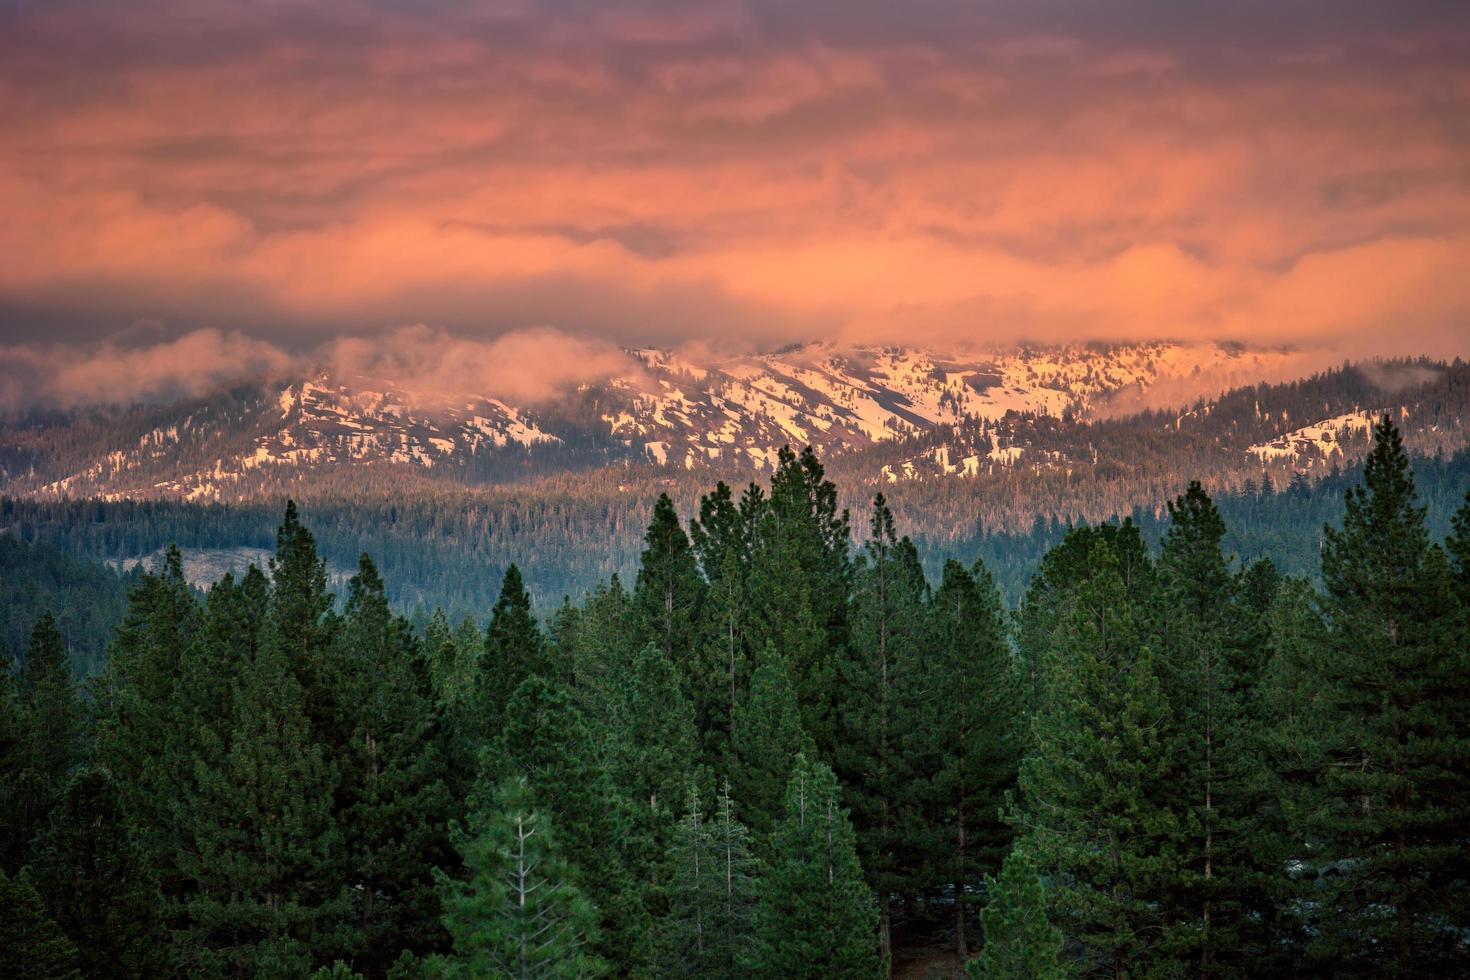 träd framför bergen vid solnedgången foto